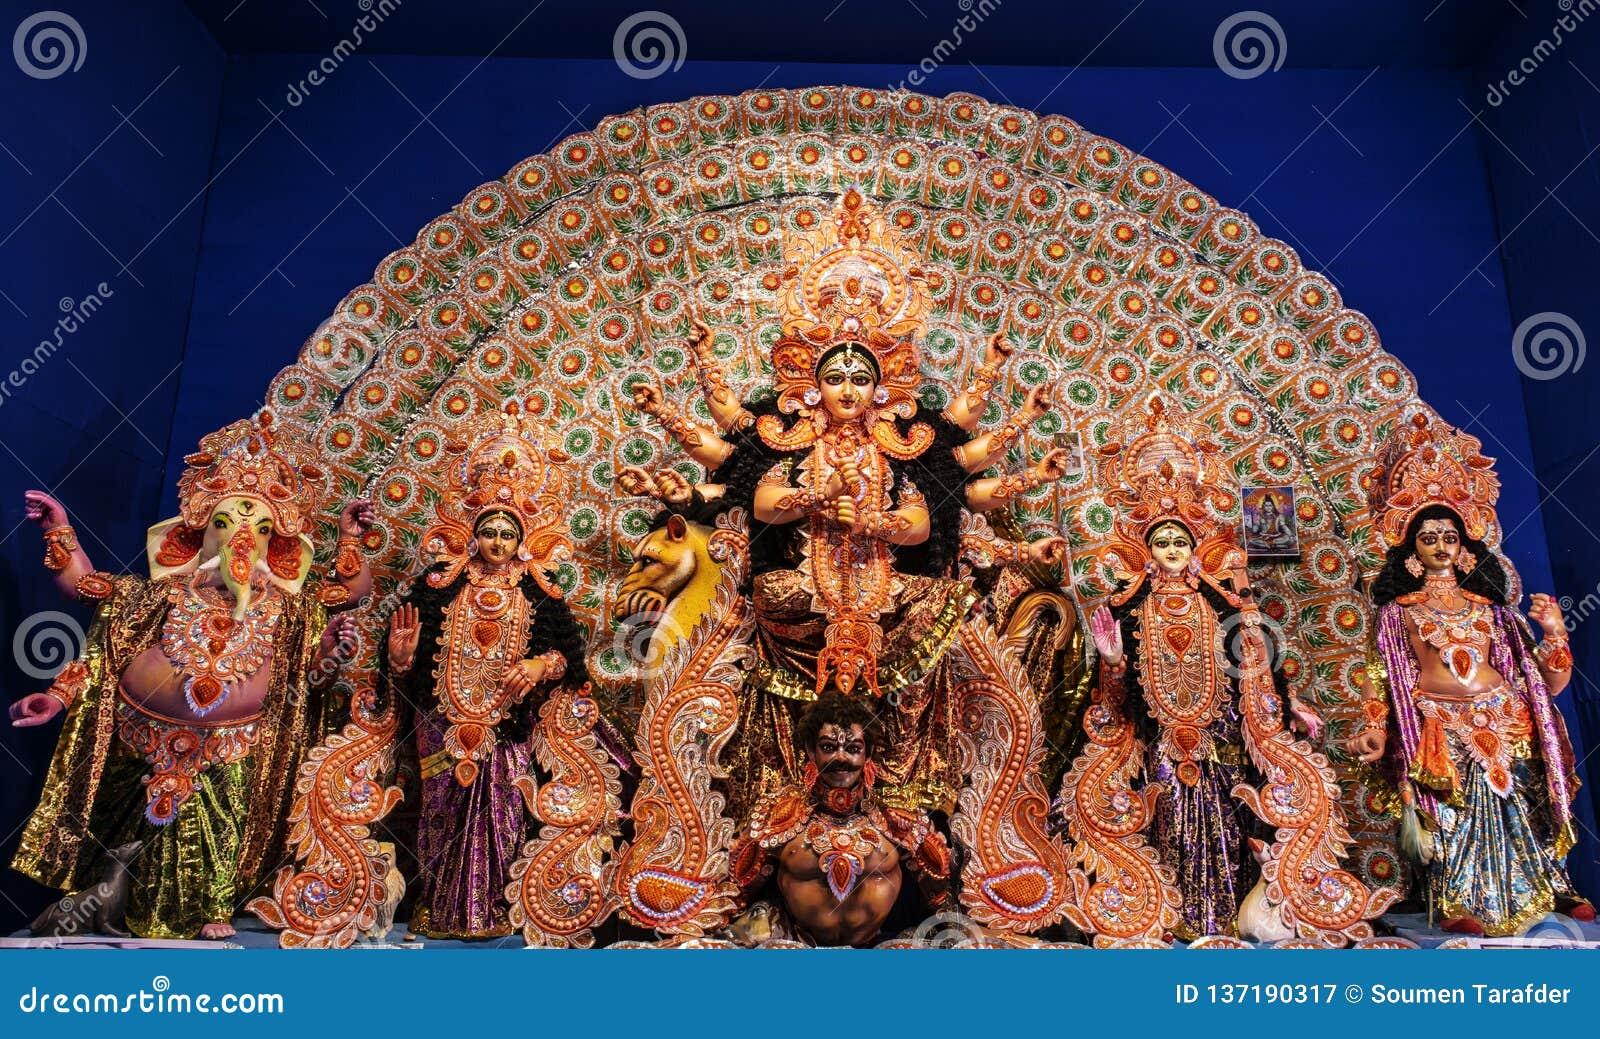 Deusa Durga: Durga Puja é esse do festival o mais famoso comemorado em Bengal ocidental, Assam, Tripura e é agora w comemorado